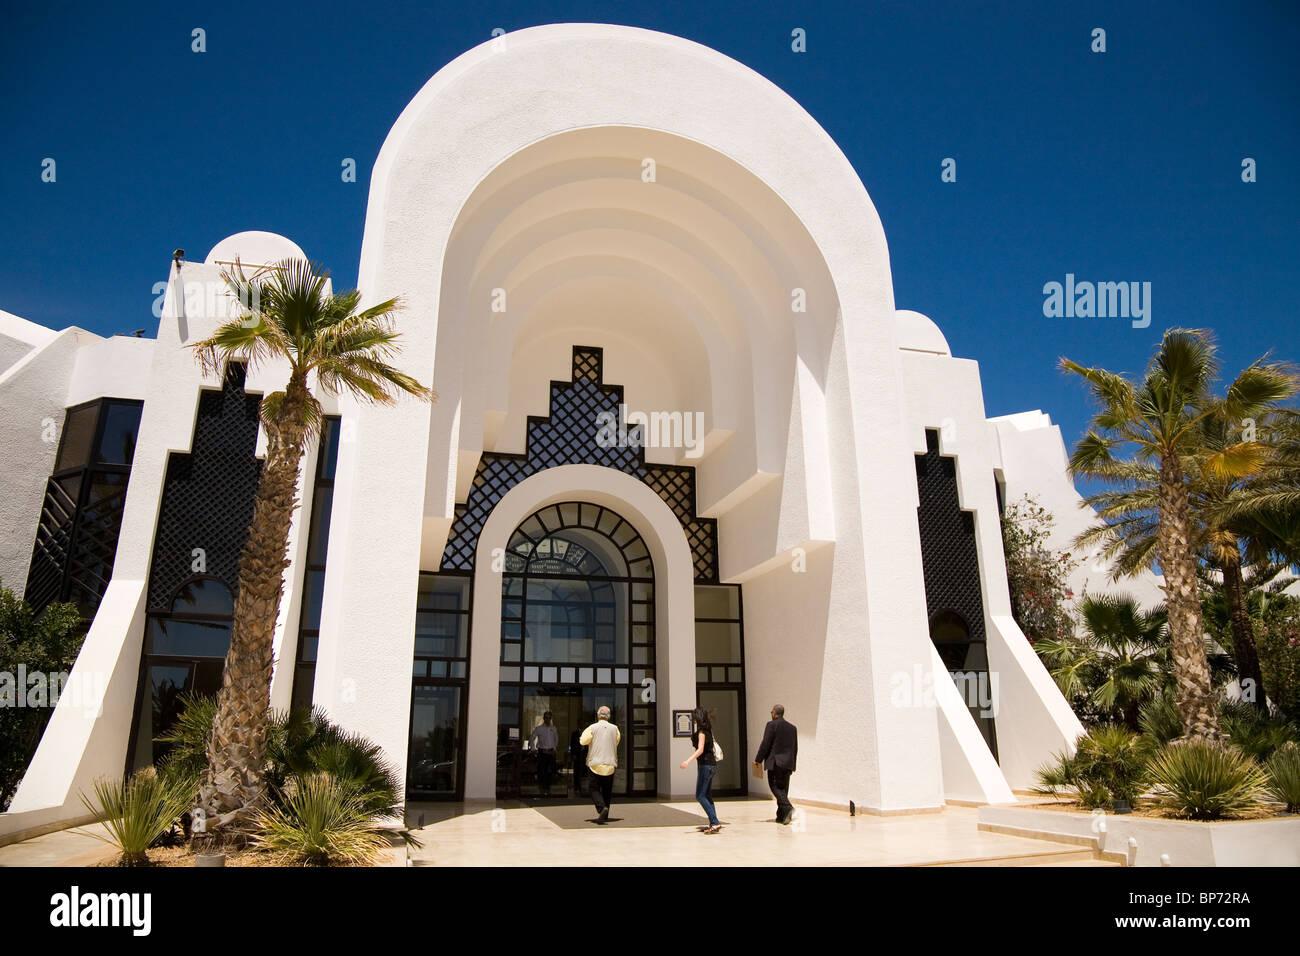 The luxury Radisson Blu Hotel in the Zone Touristique at Midoun, Djerba, Tunisia. - Stock Image